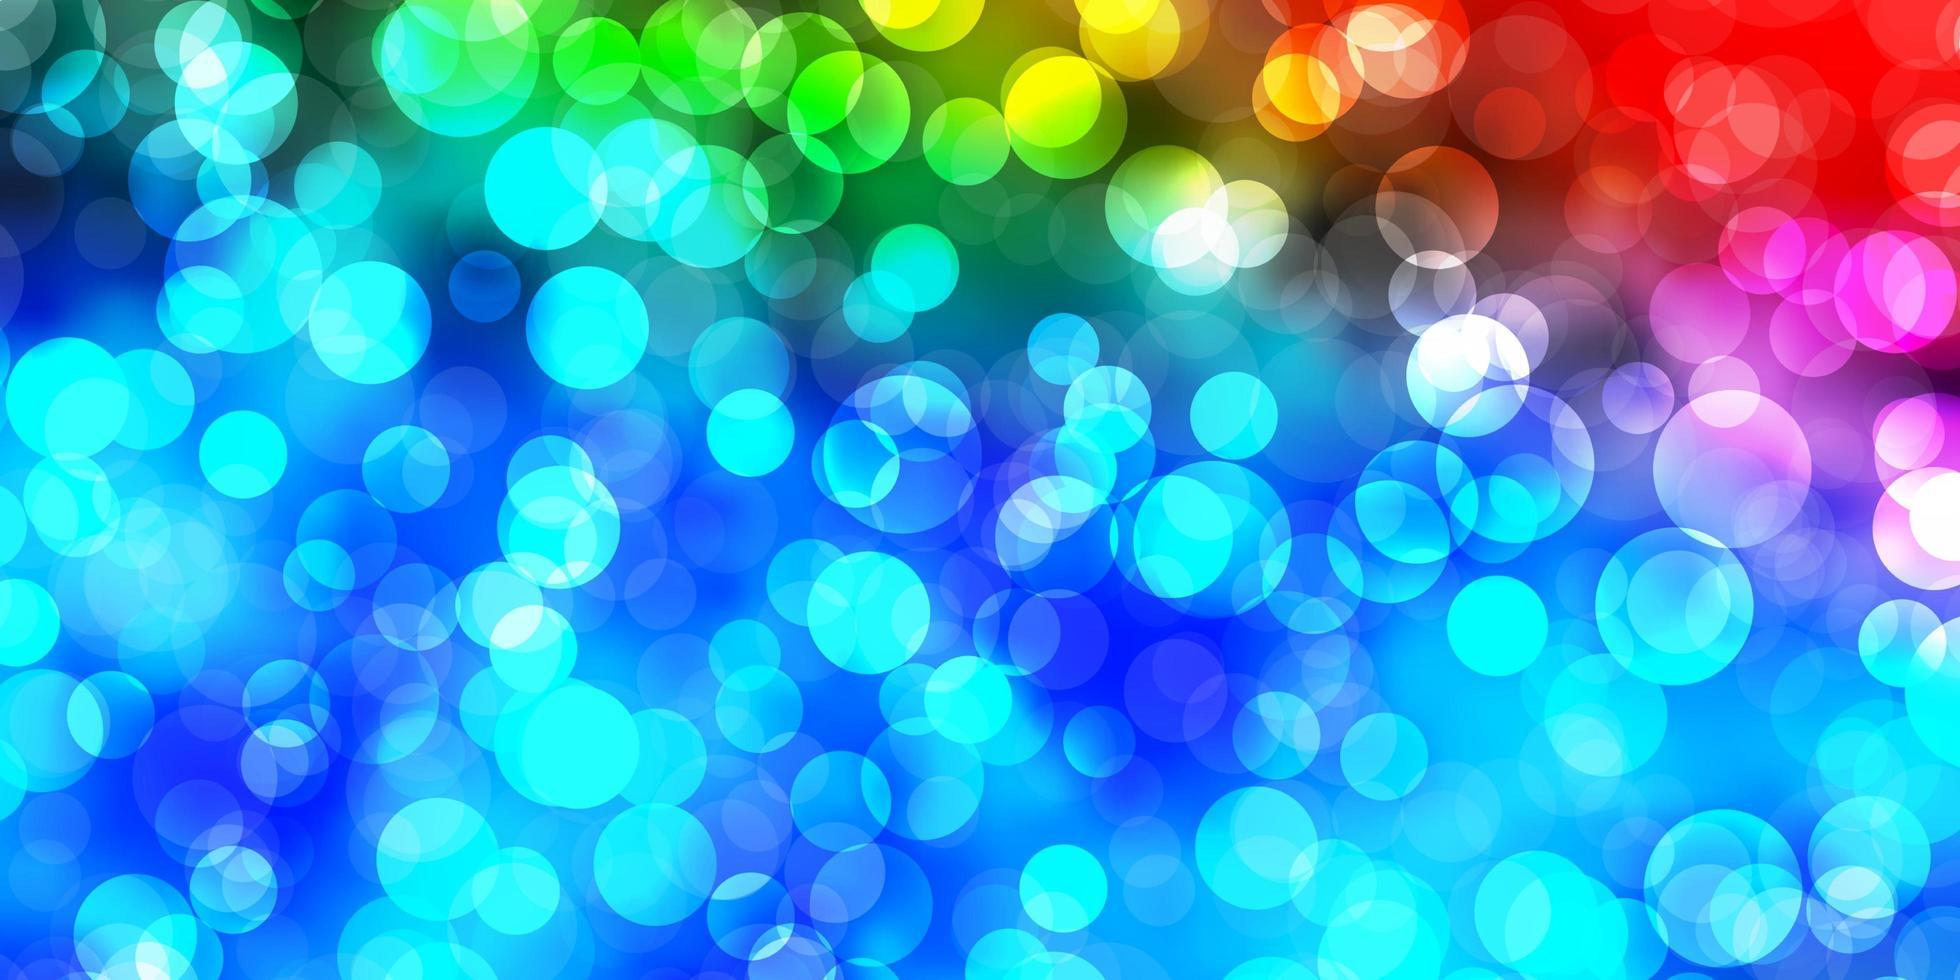 modèle vectoriel multicolore foncé avec des sphères.